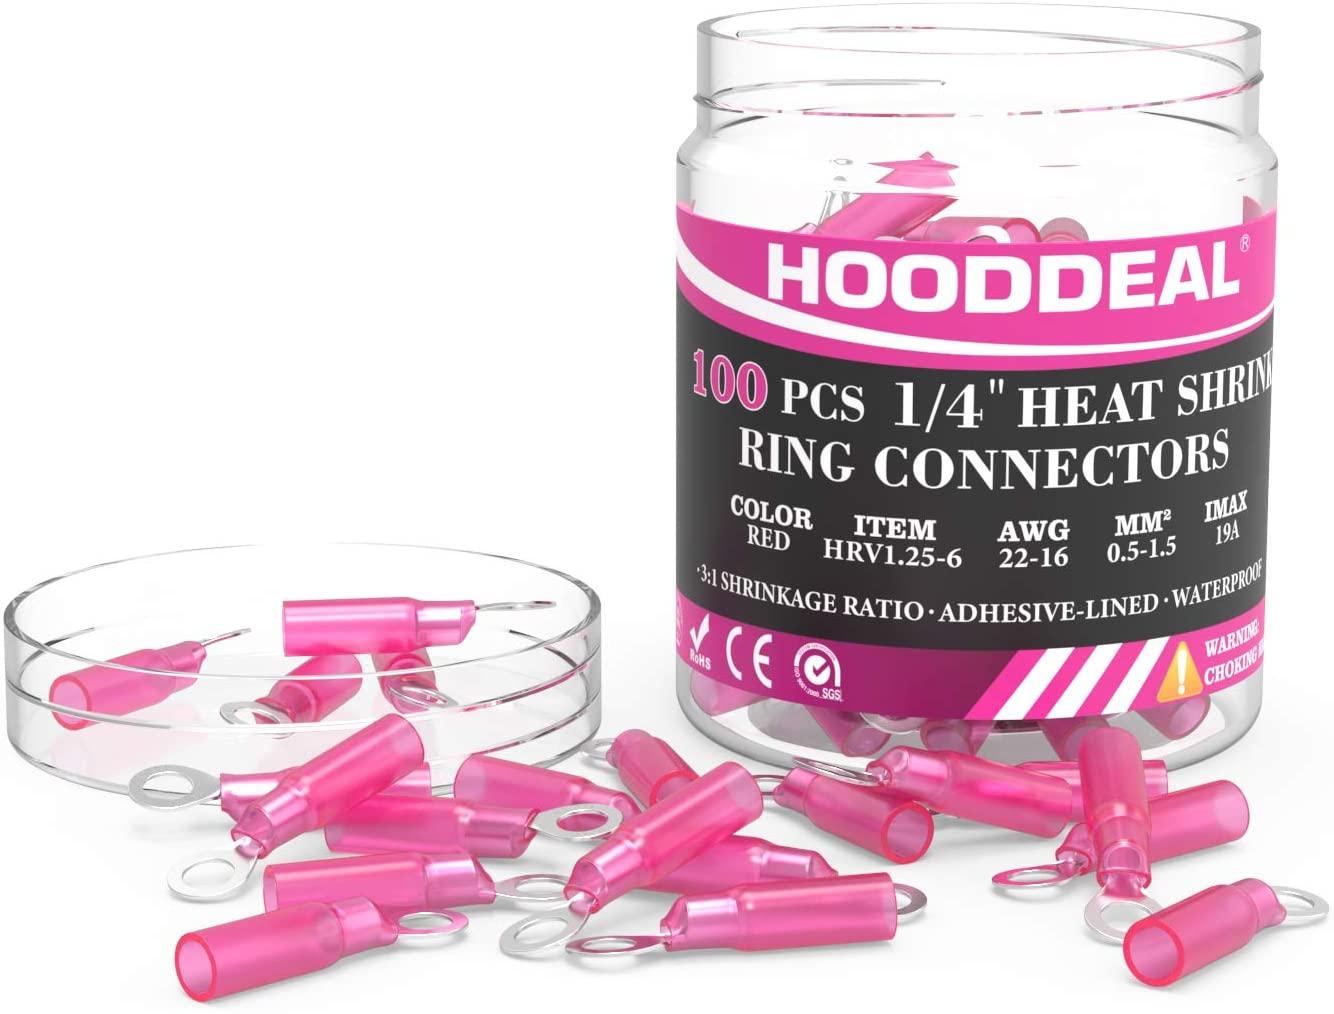 HOODDEAL 100PCS Heat Shrink Ring Crimp Connectors - 1/4